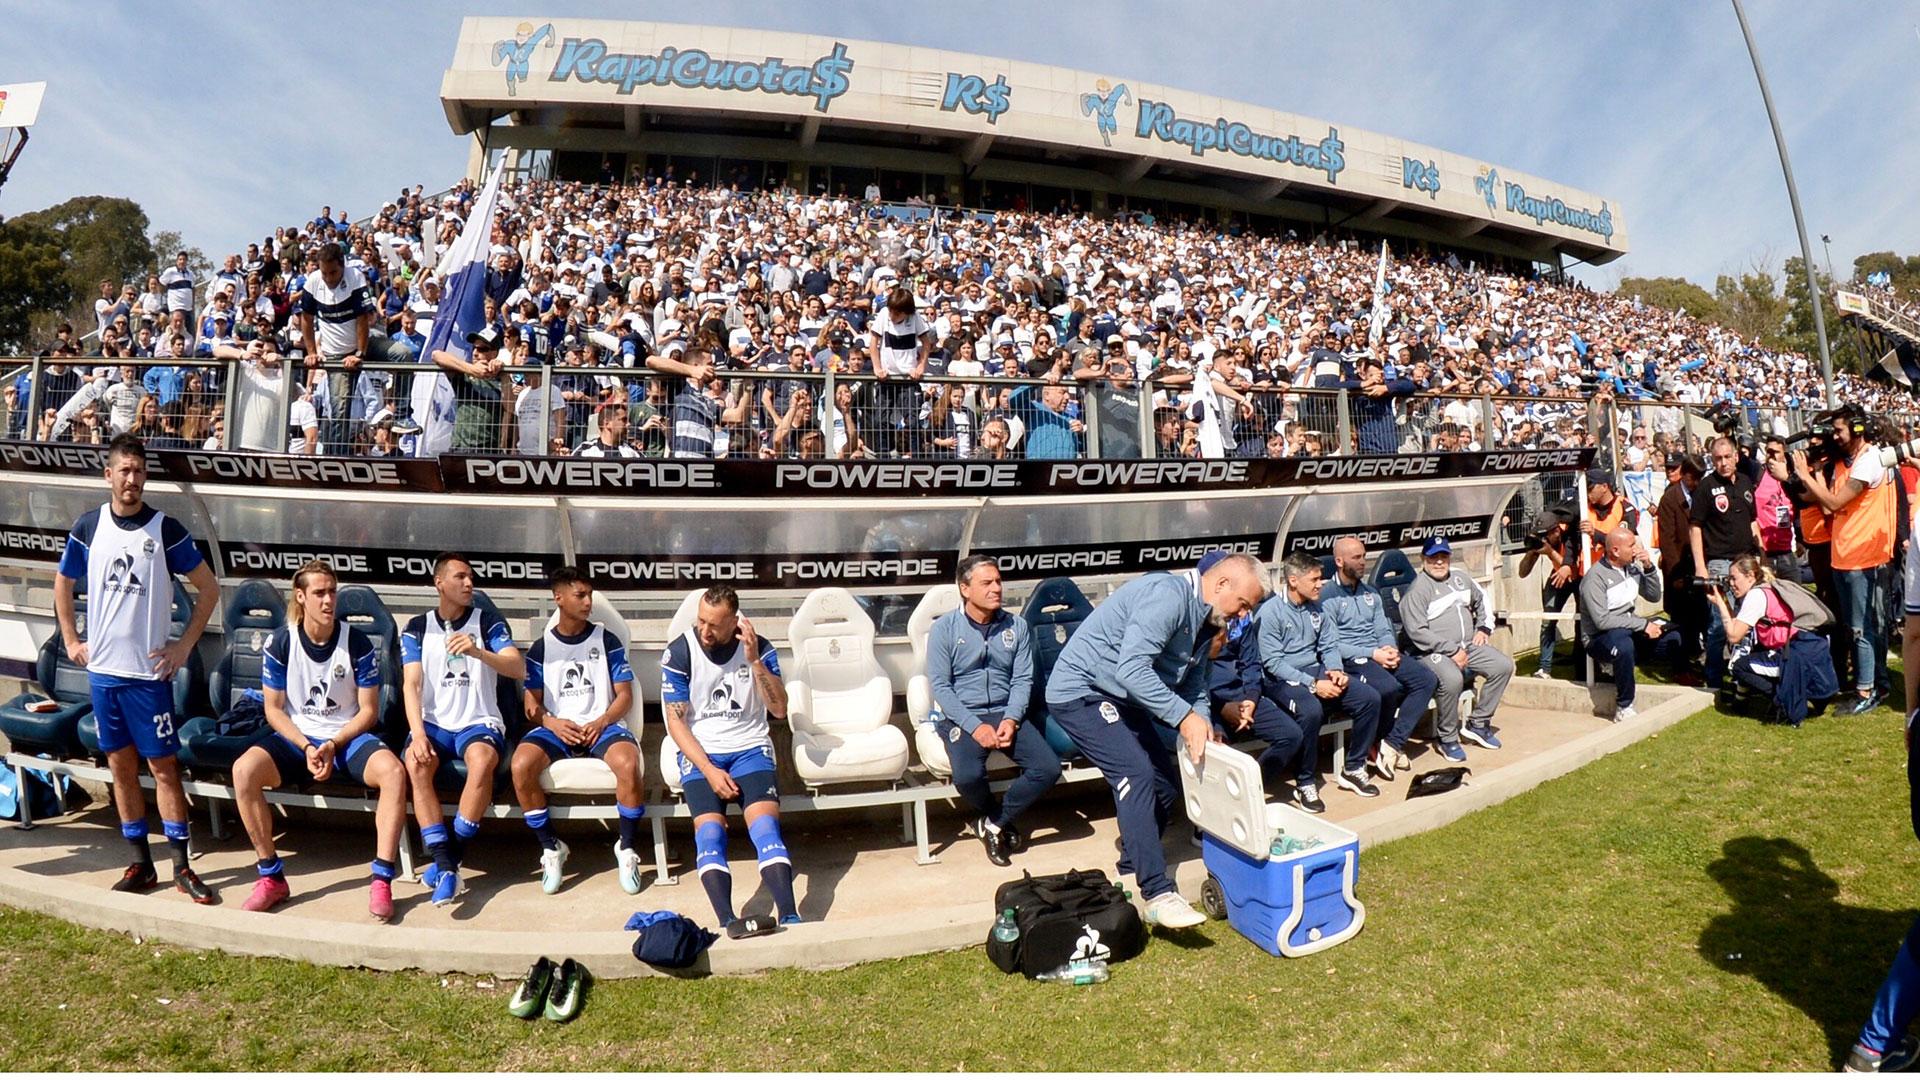 El banco del local, presidido por Diego Maradona, a la derecha